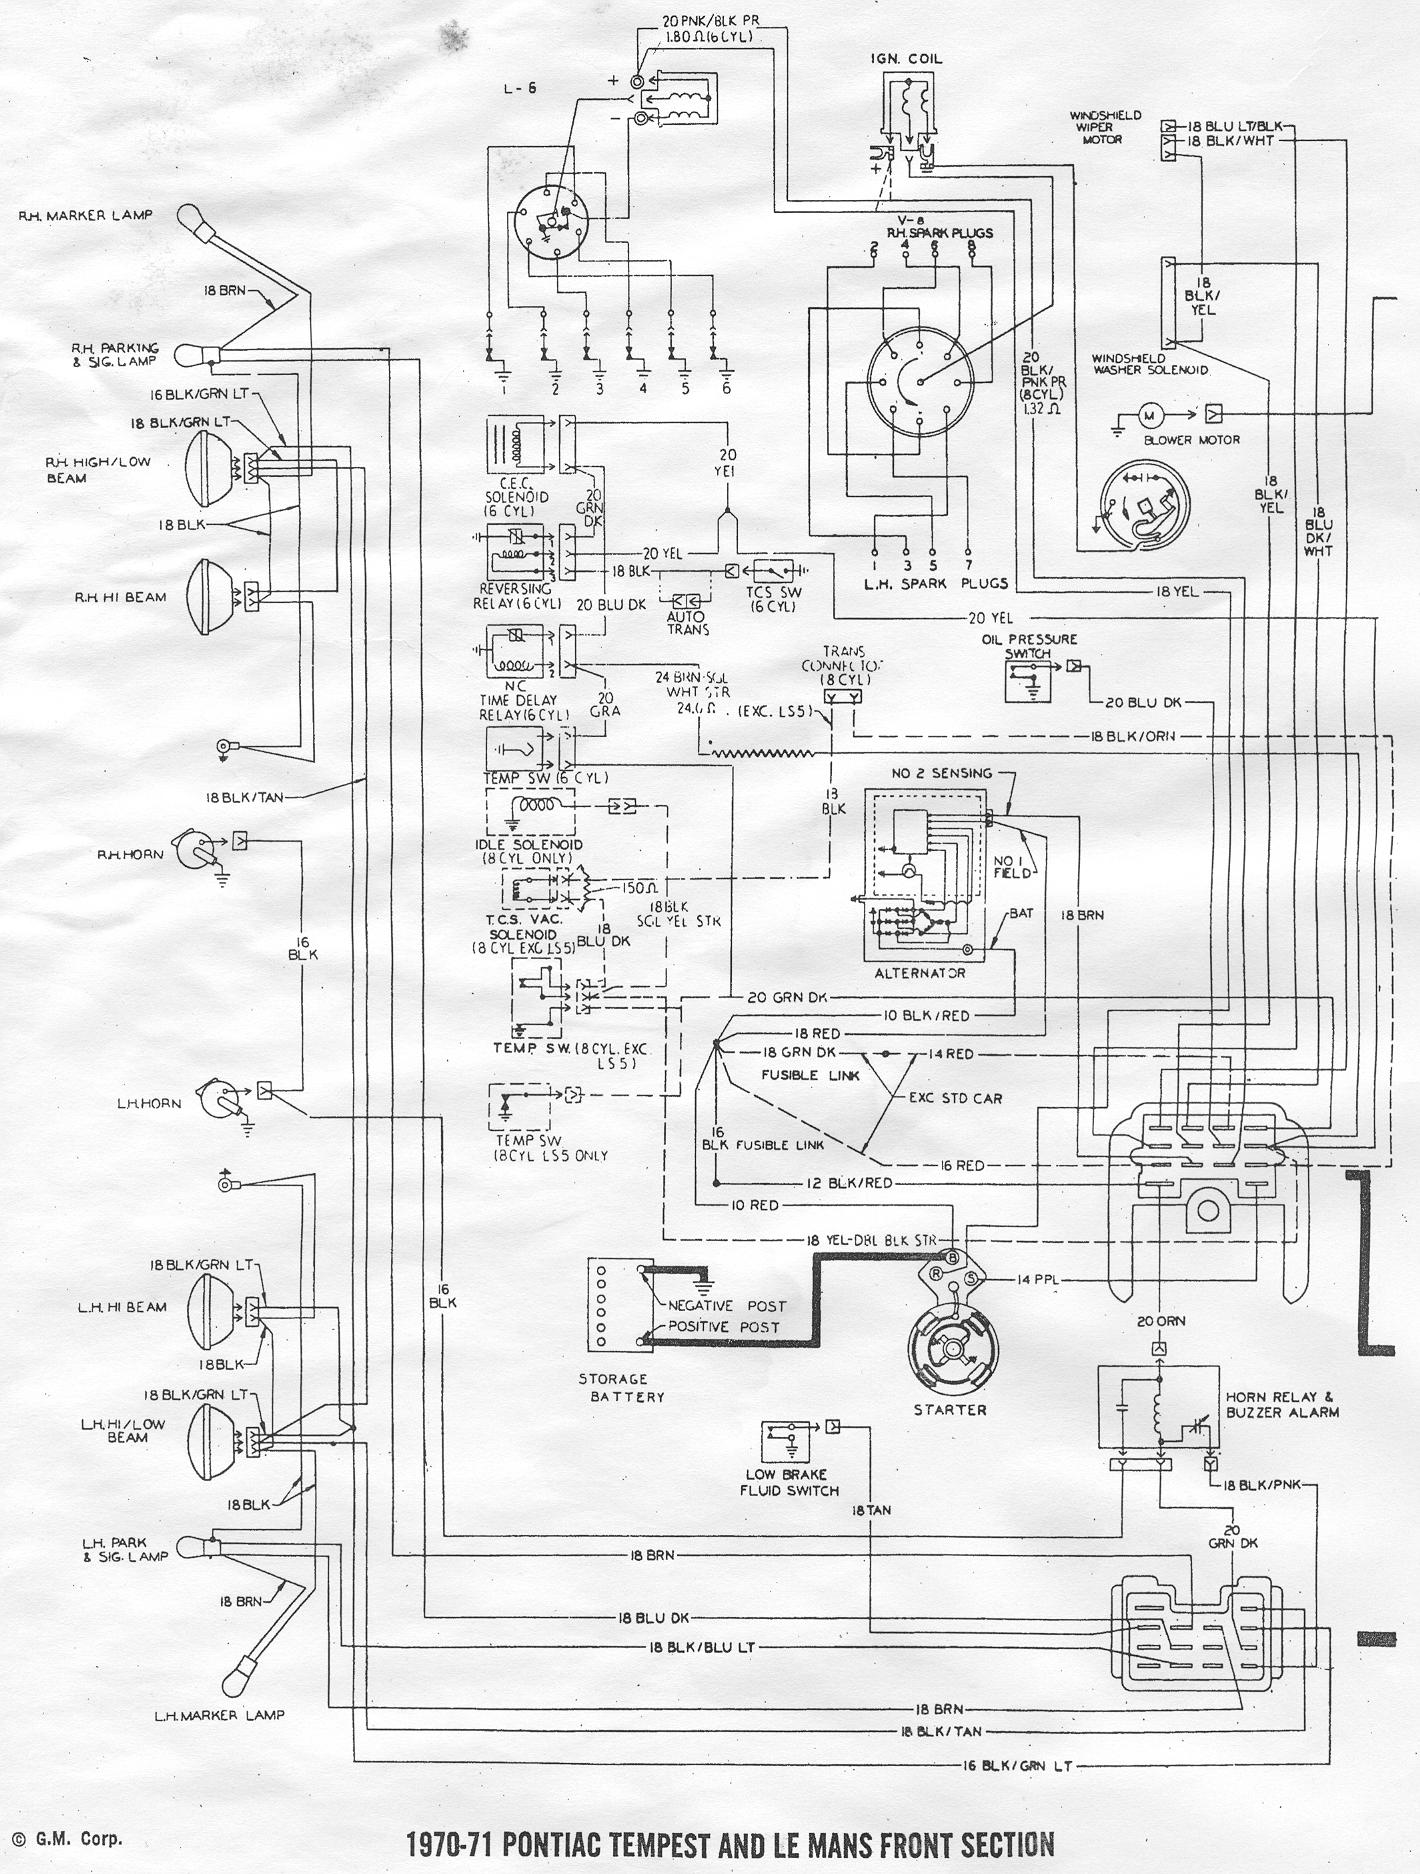 1994 camaro wiring diagram 1994 image wiring diagram wiring diagram for 1994 camaro tachometer wiring discover your on 1994 camaro wiring diagram